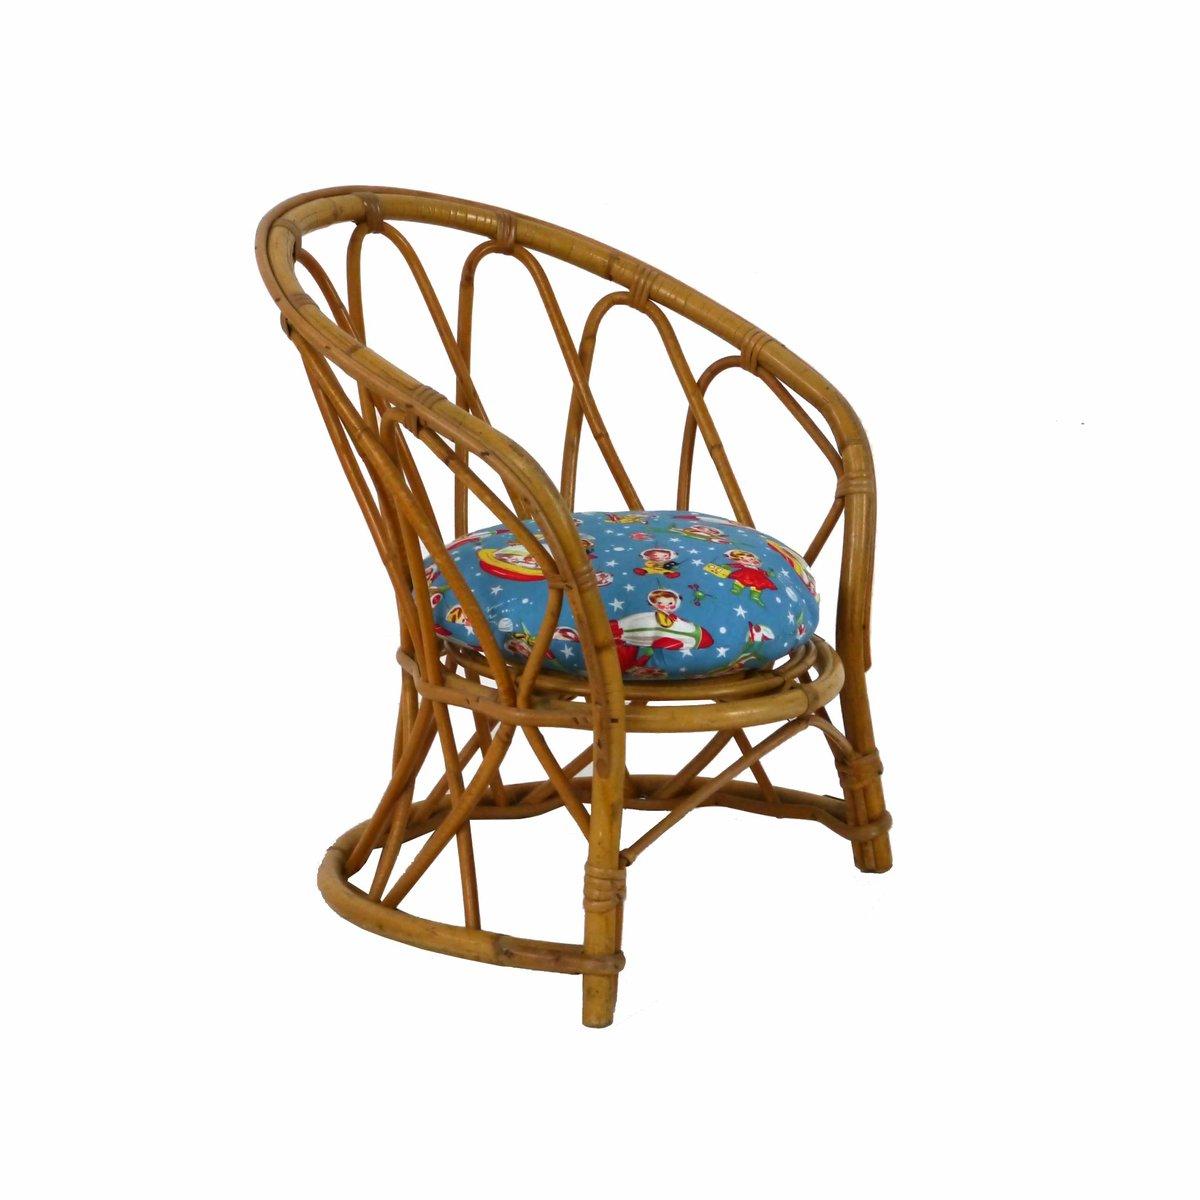 chaise pour enfant vintage en rotin 1960s en vente sur pamono. Black Bedroom Furniture Sets. Home Design Ideas